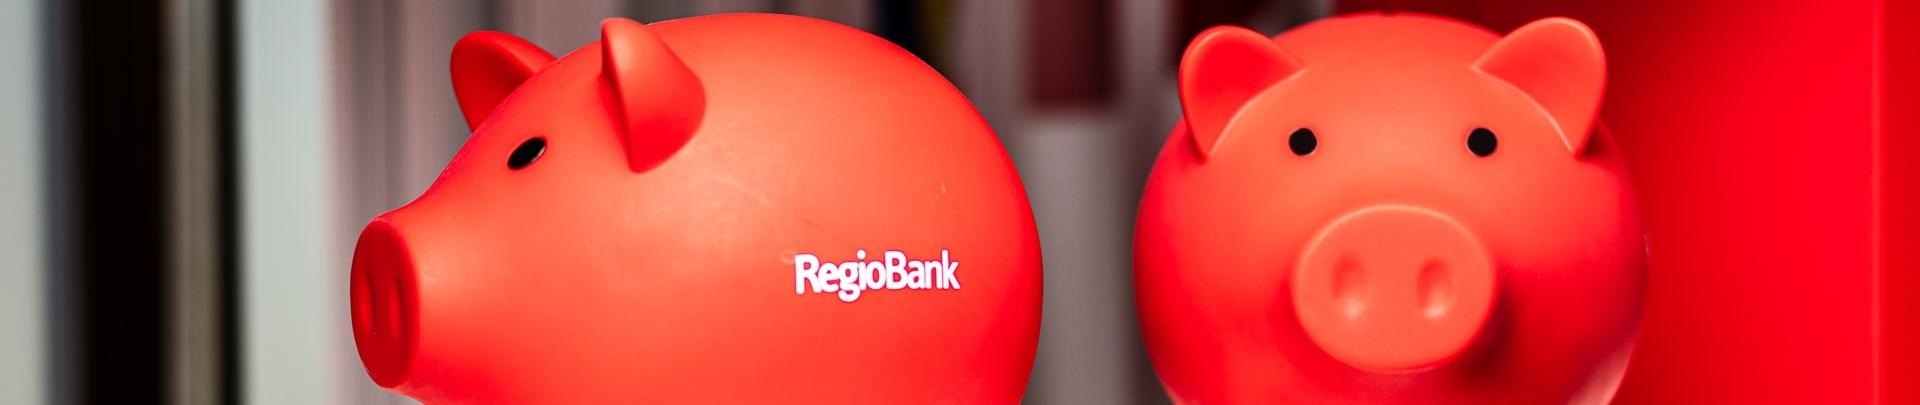 spaarvarkens van RegioBank